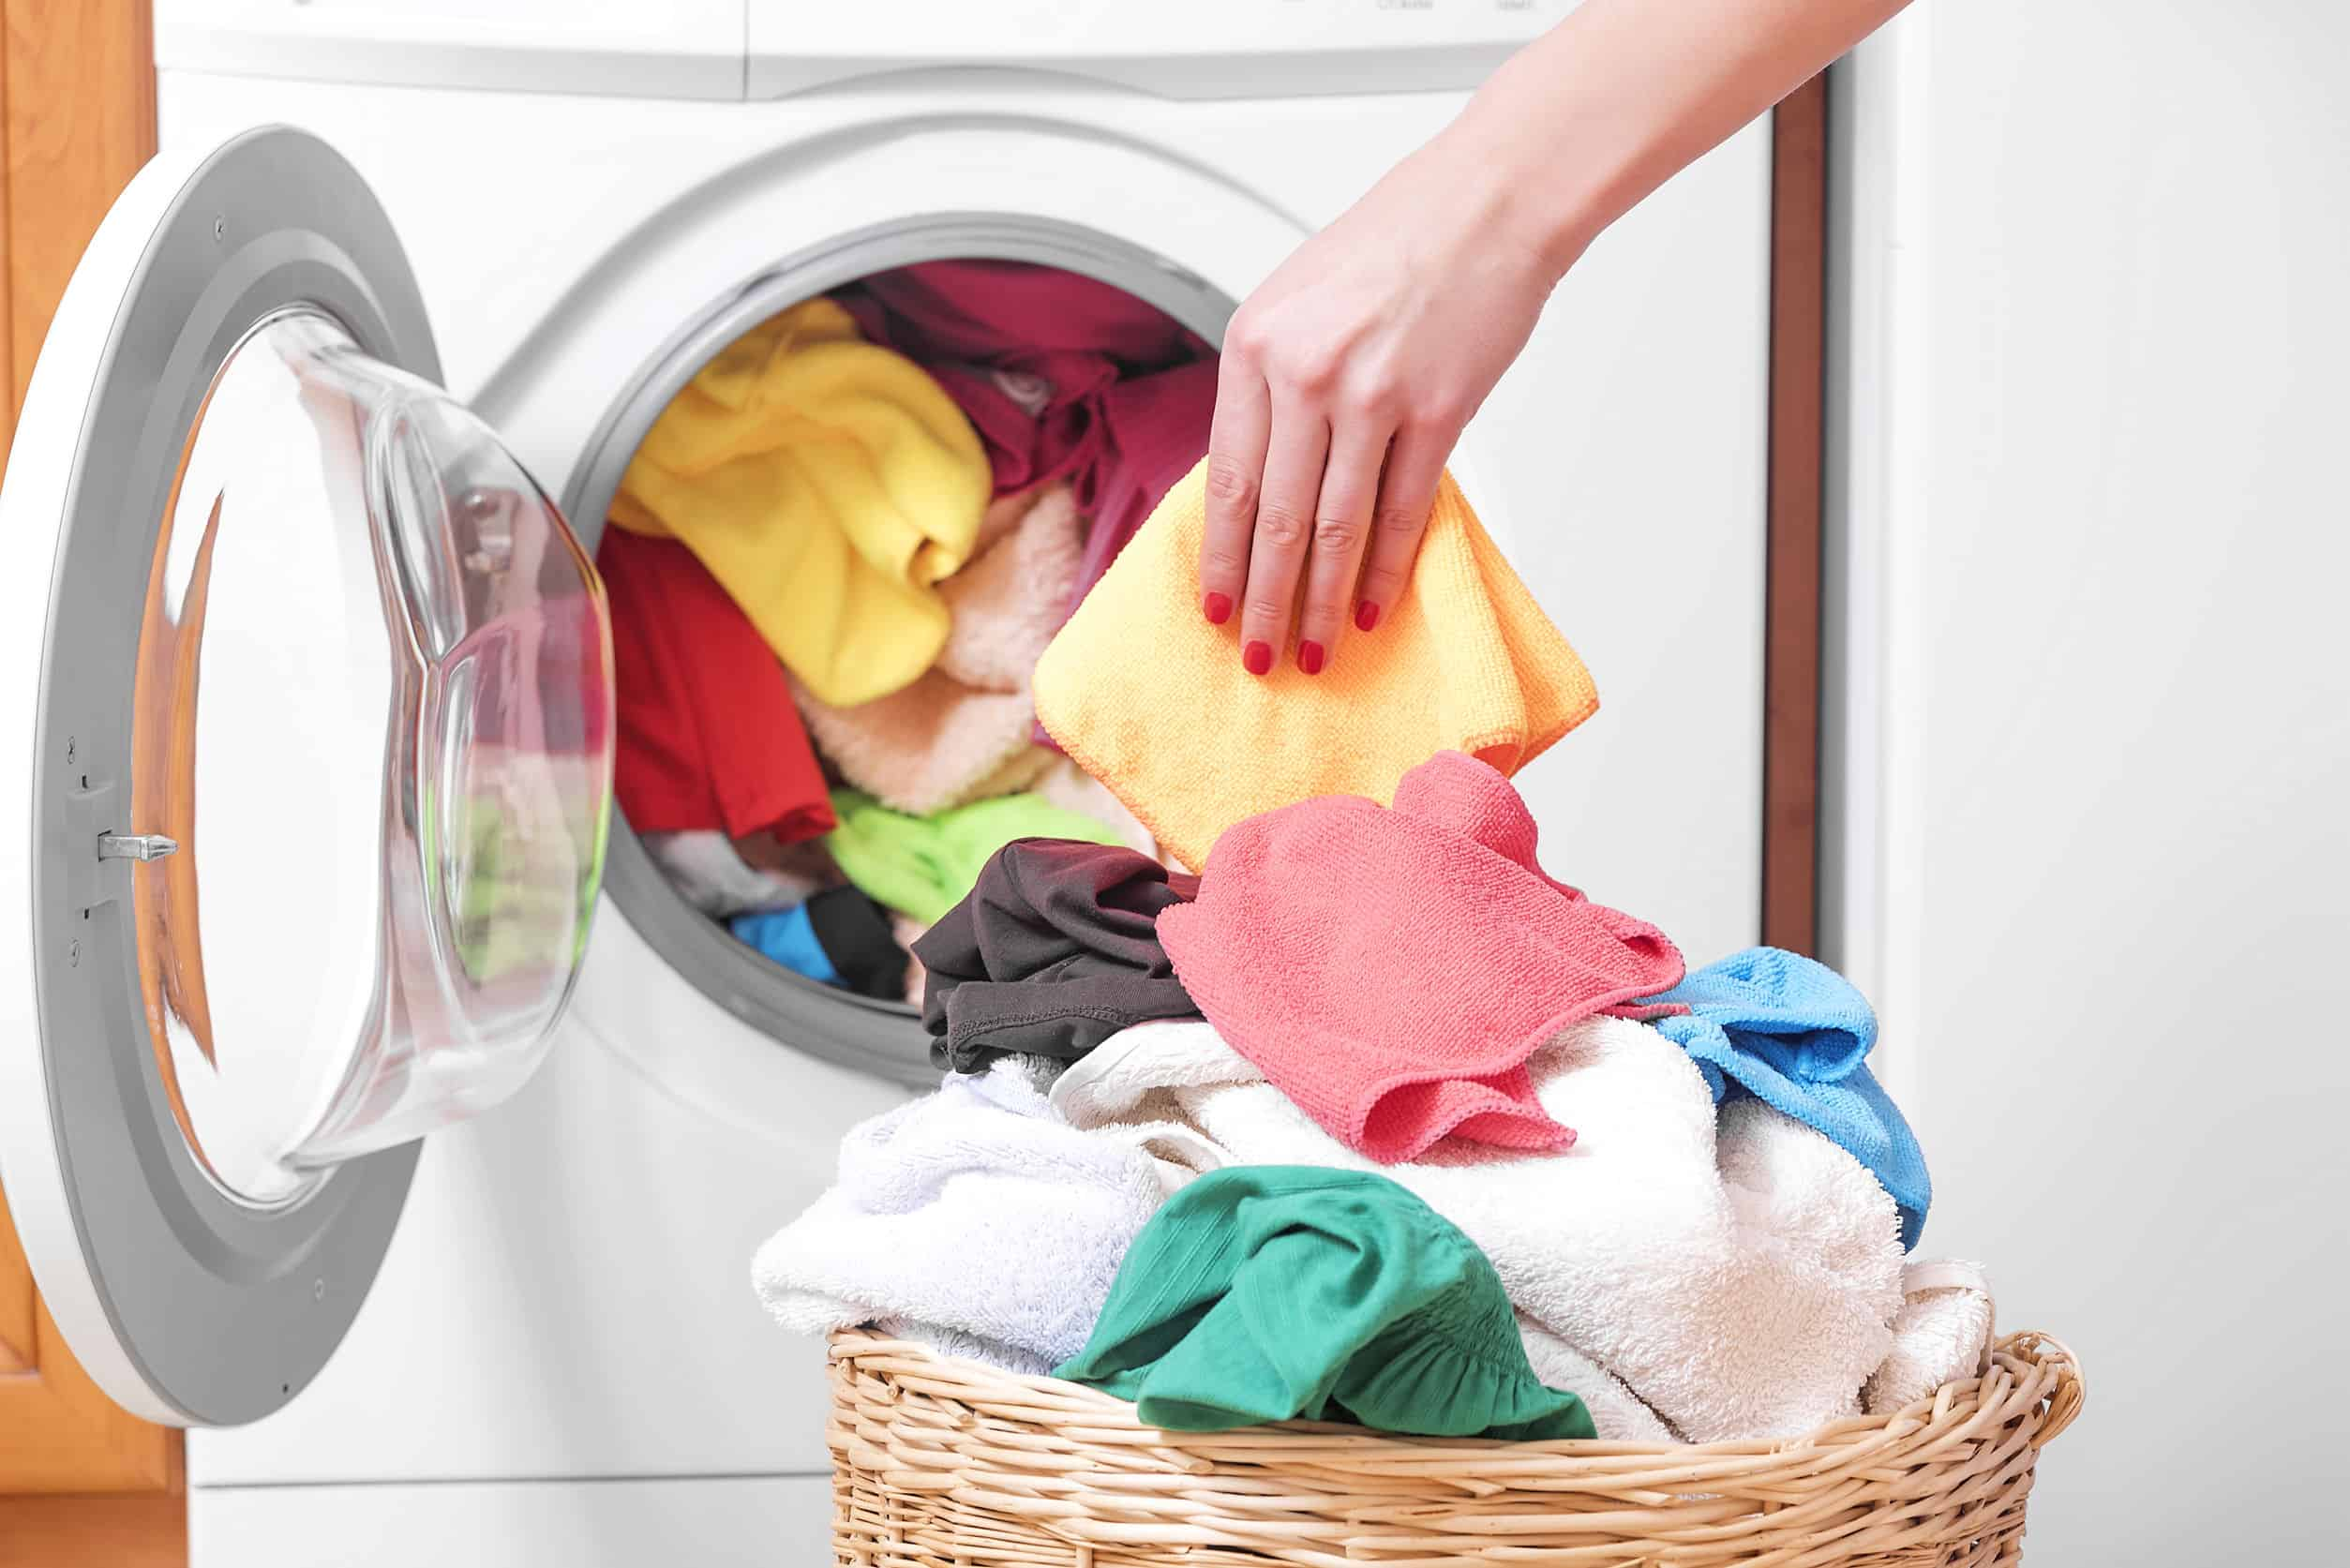 Imagem mostra pessoa tirando roupas secas de secadora de roupas.